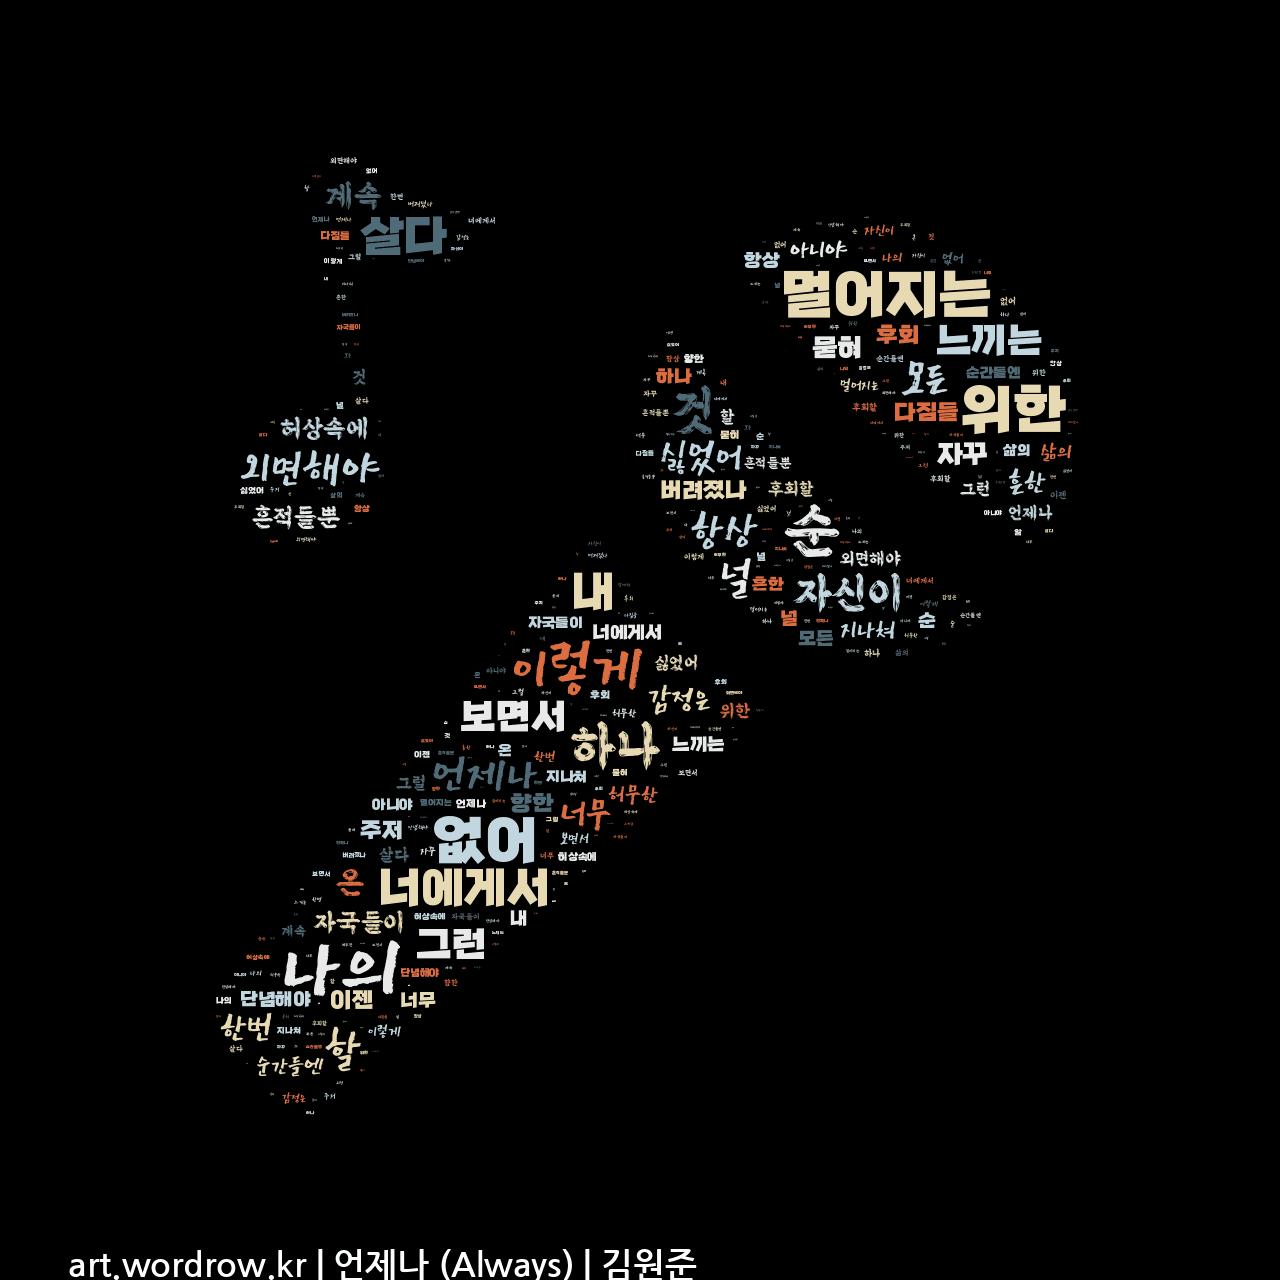 워드 클라우드: 언제나 (Always) [김원준]-6